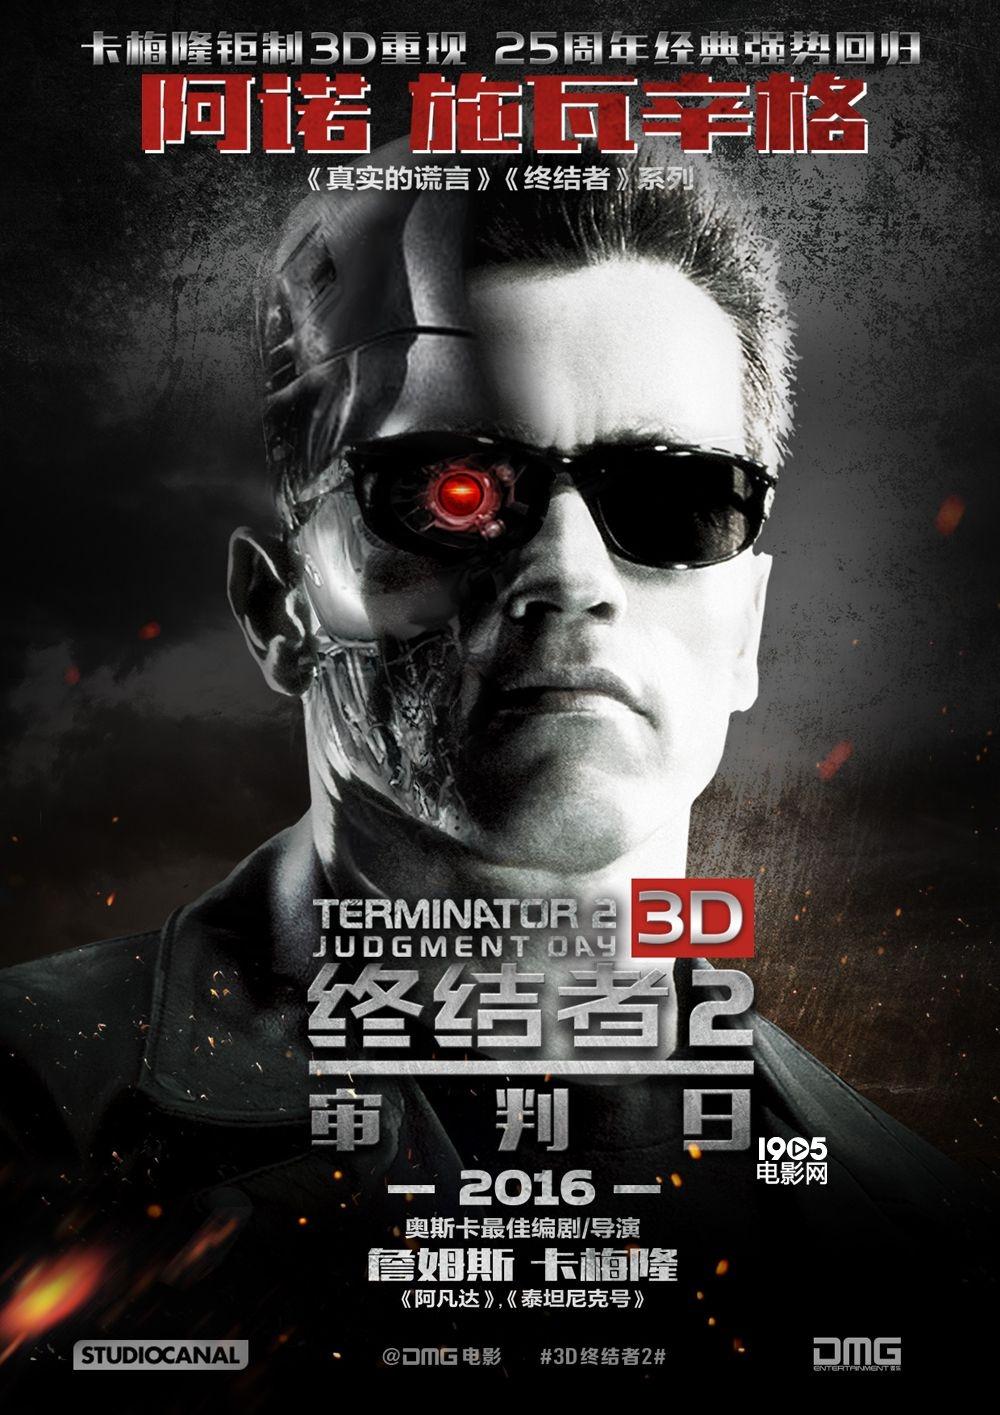 卡梅隆重塑《终结者2》 3D巨制25周年强势回归